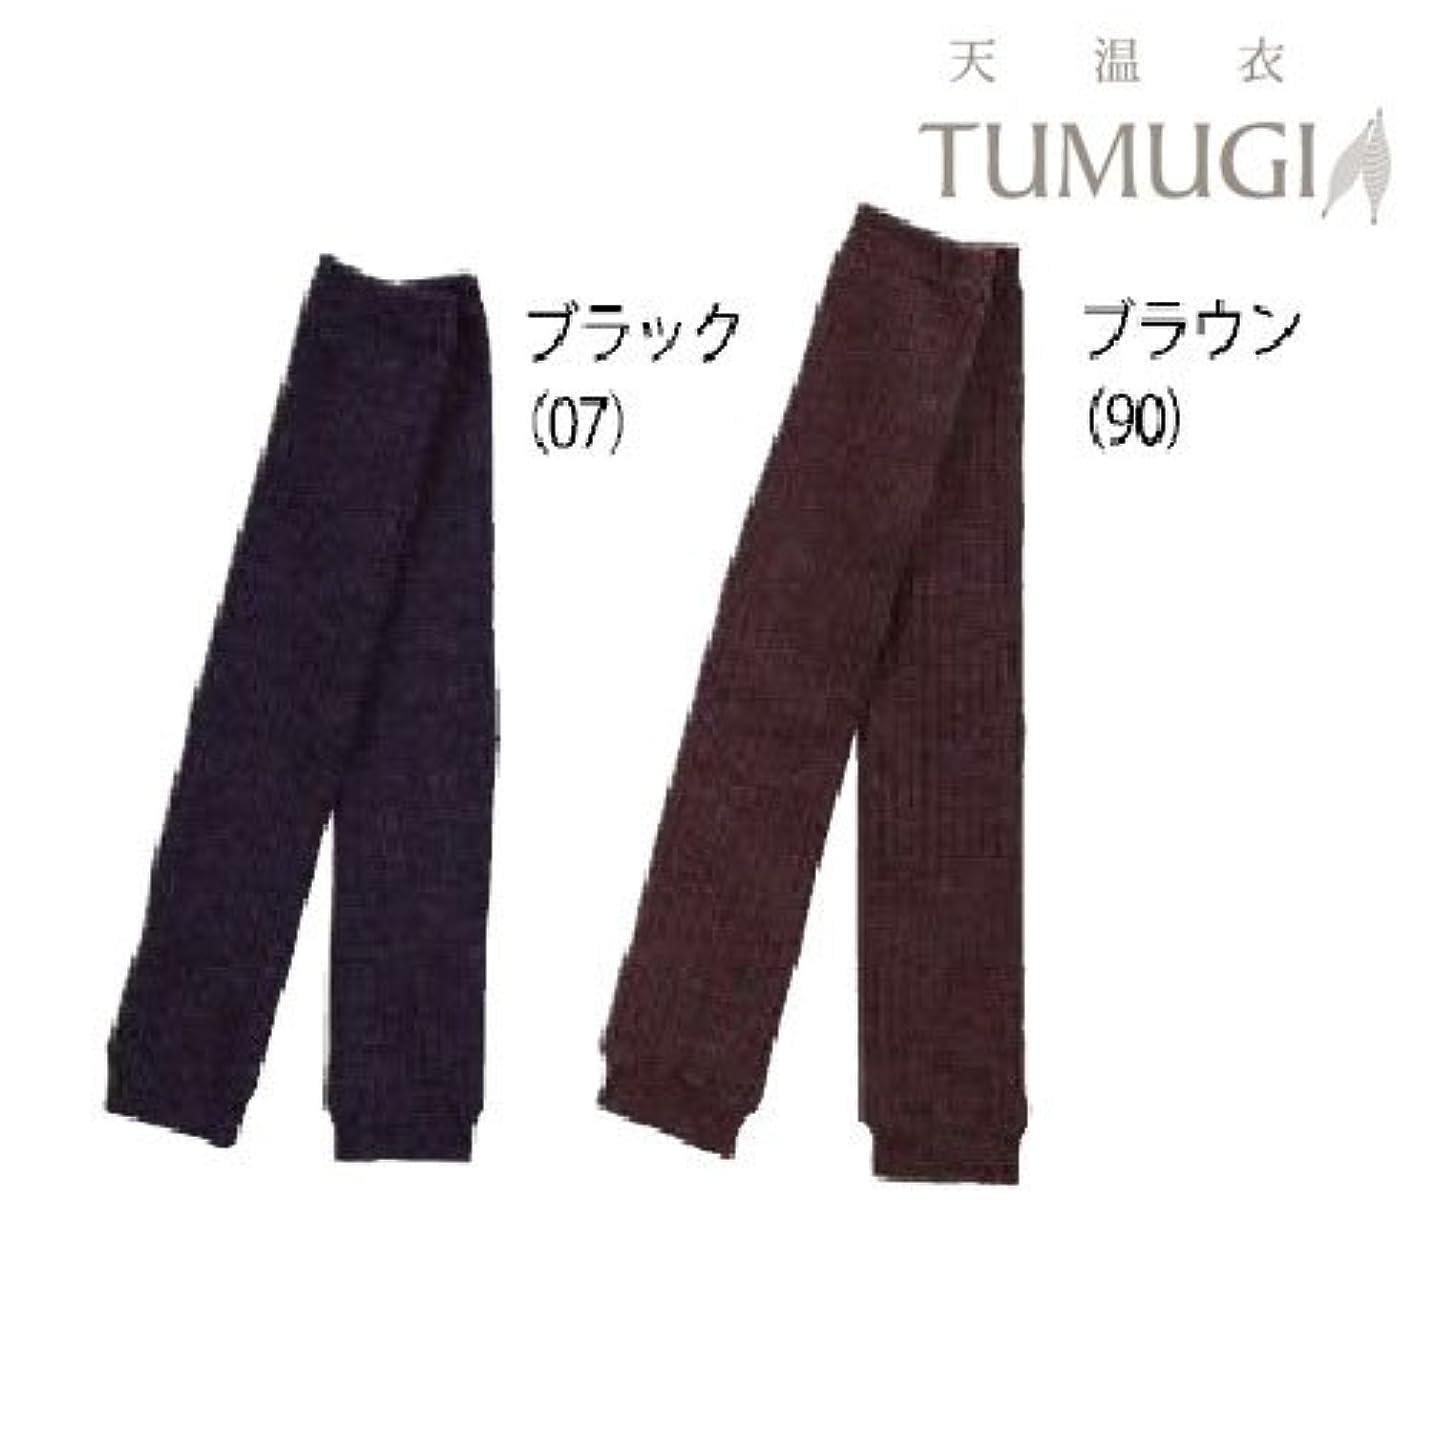 アルカトラズ島要塞ラフ睡眠天温衣TUMUGI  ウールとシルクの2重編みレッグウォーマー (ブラウン(茶))